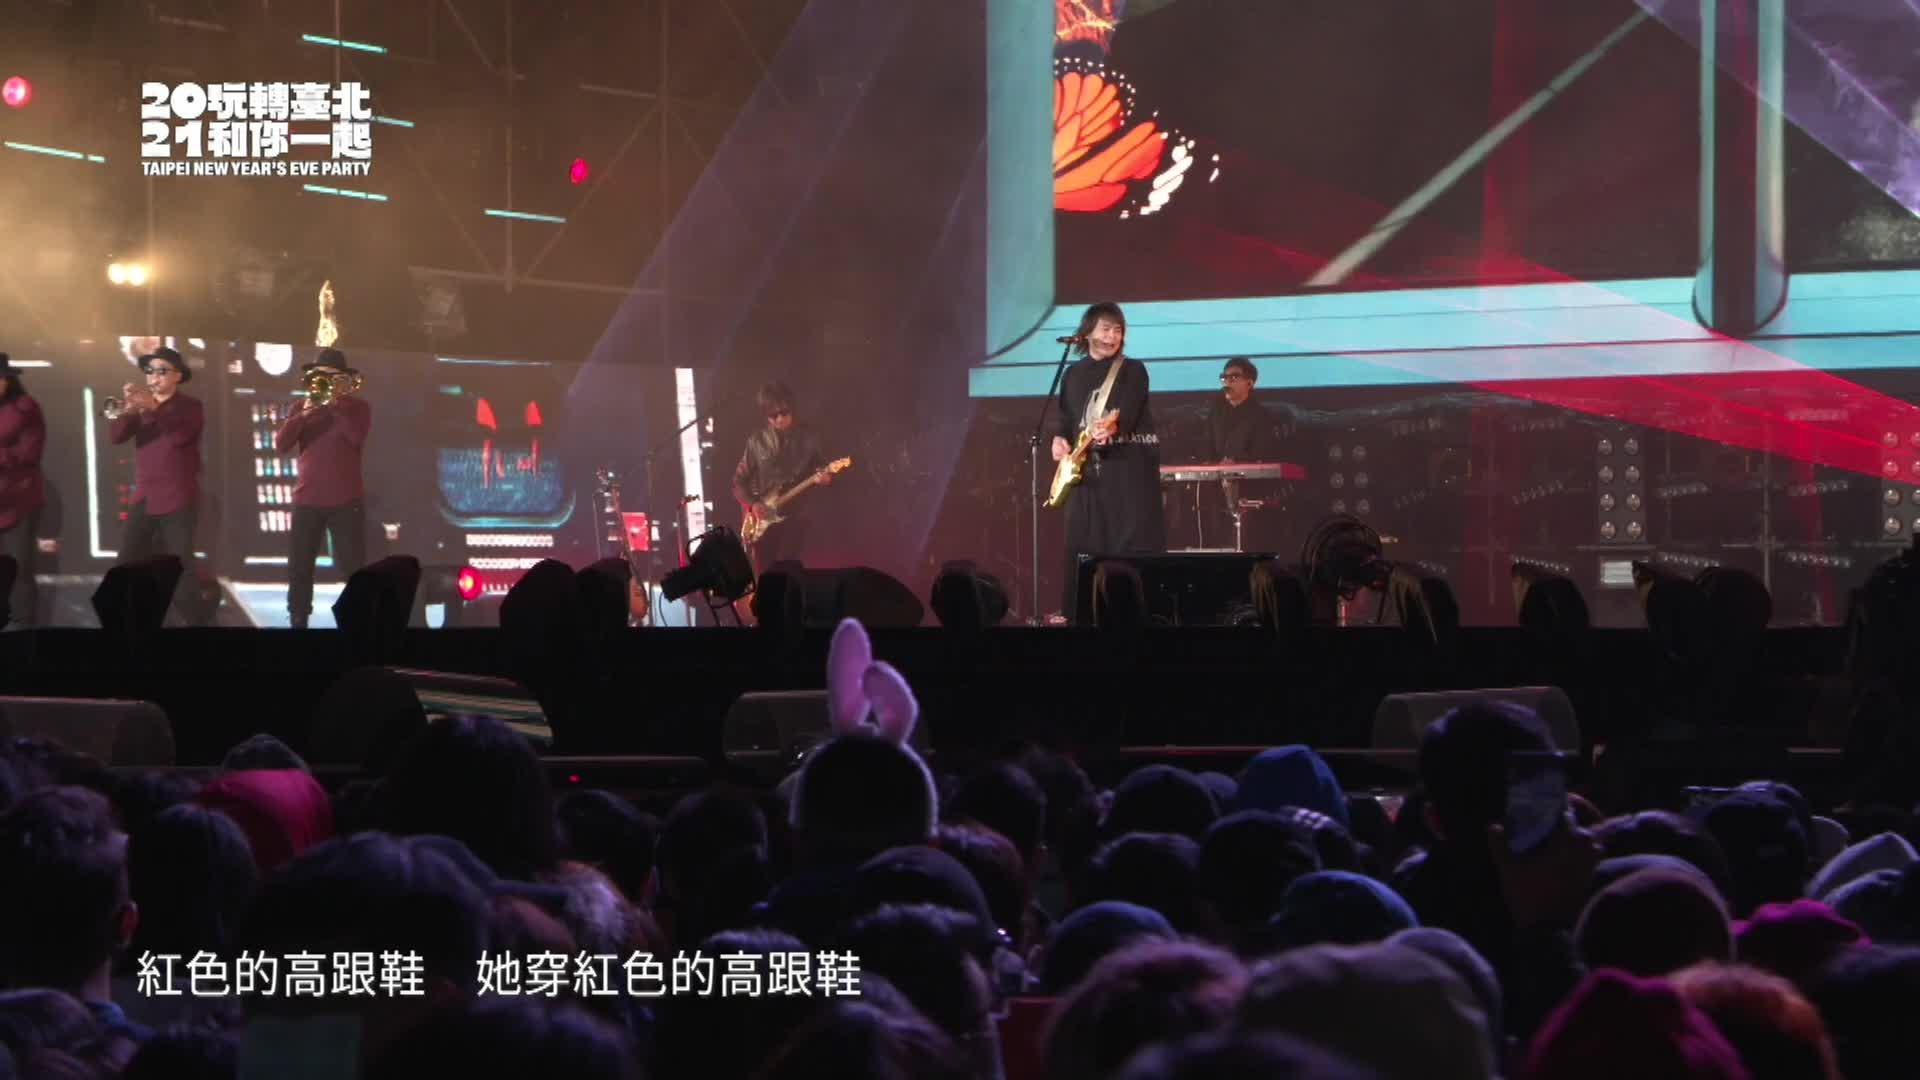 伍佰&China Blue〈Last Dance〉+〈重生〉+〈皇后的高跟鞋〉+〈釘子花〉+〈夢醒時分〉+〈衝衝衝〉-2021臺北最HIGH新年城跨年晚會